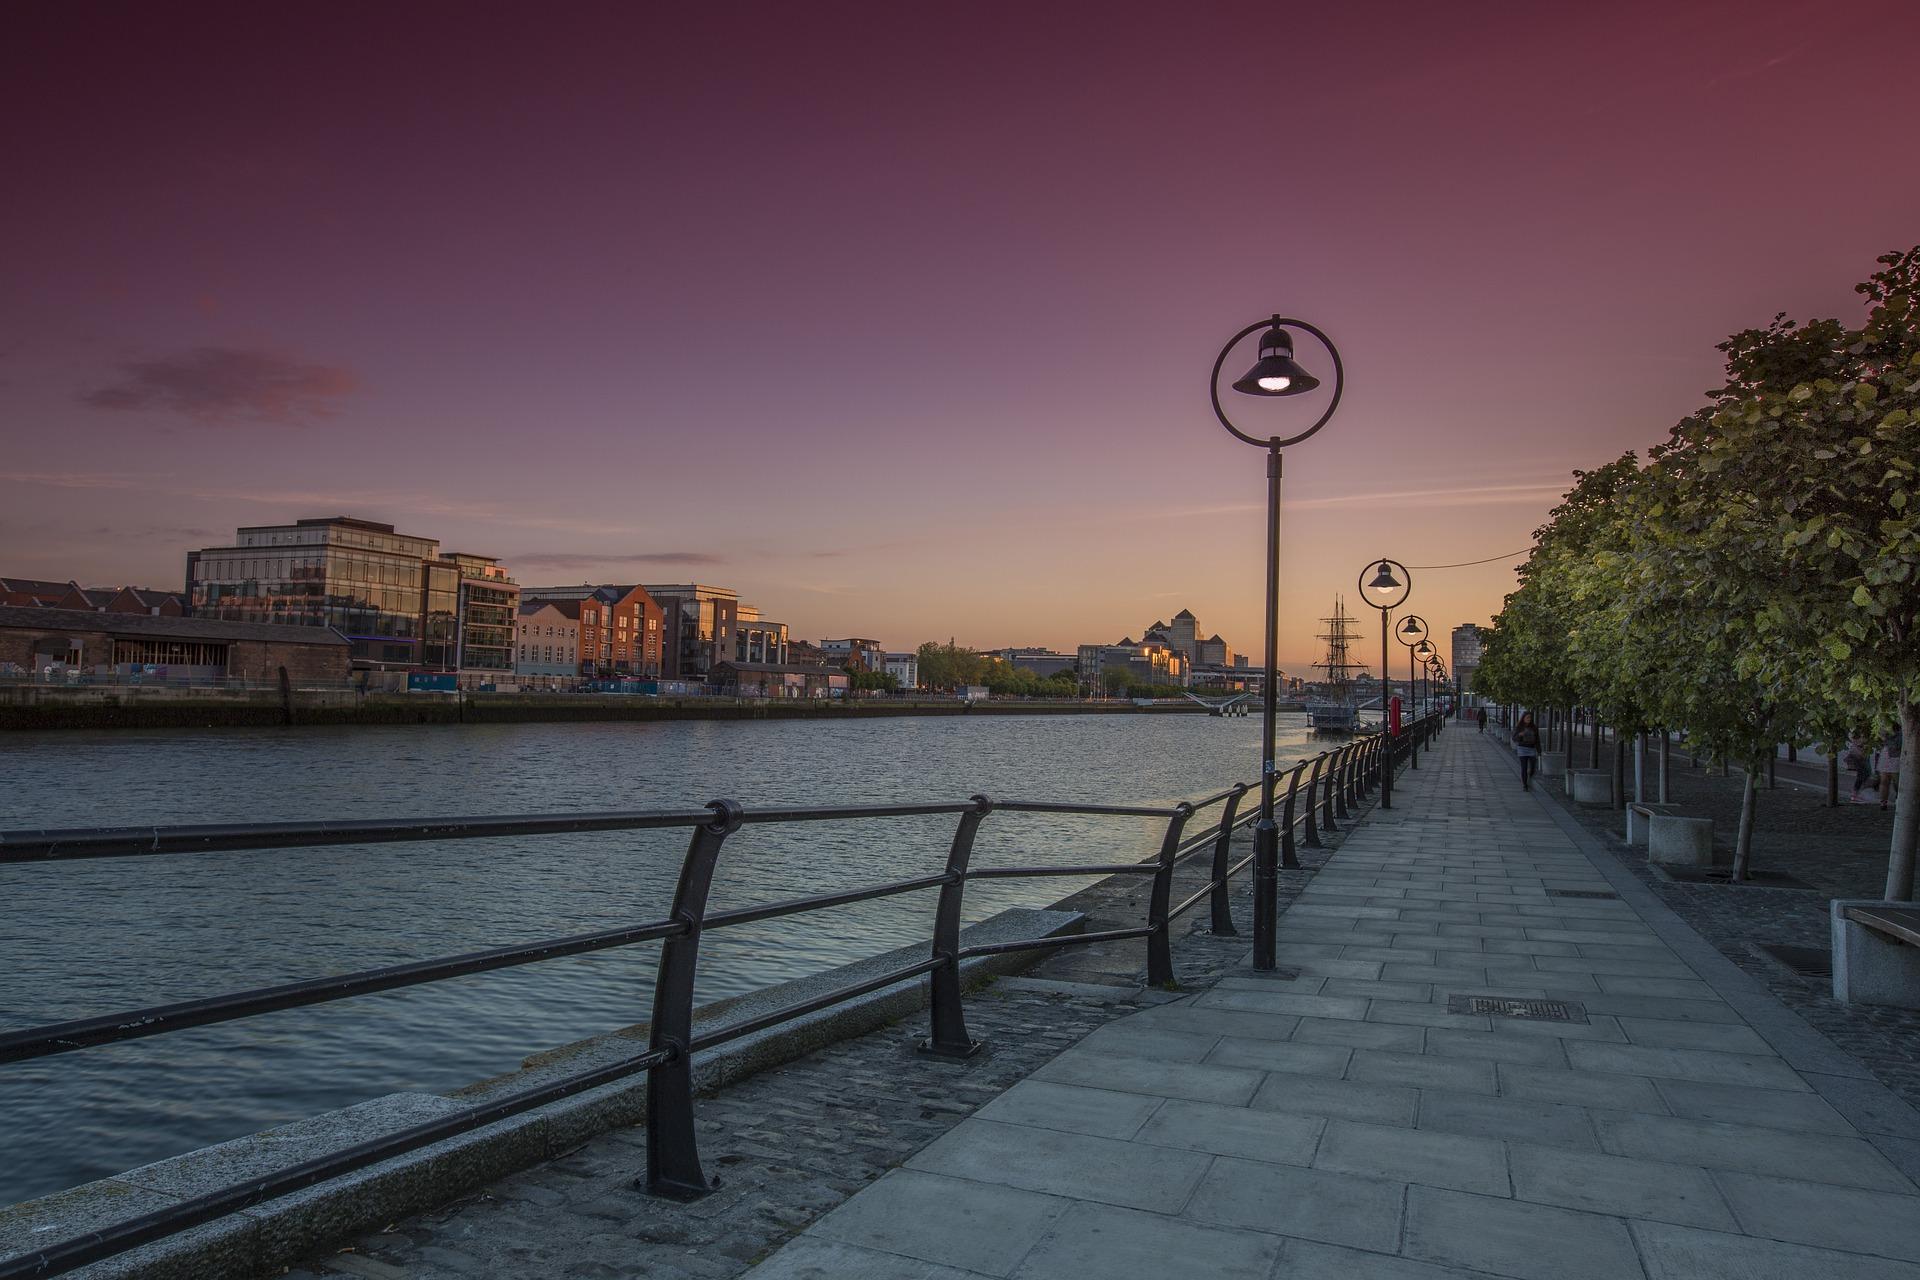 24 hours in Dublin